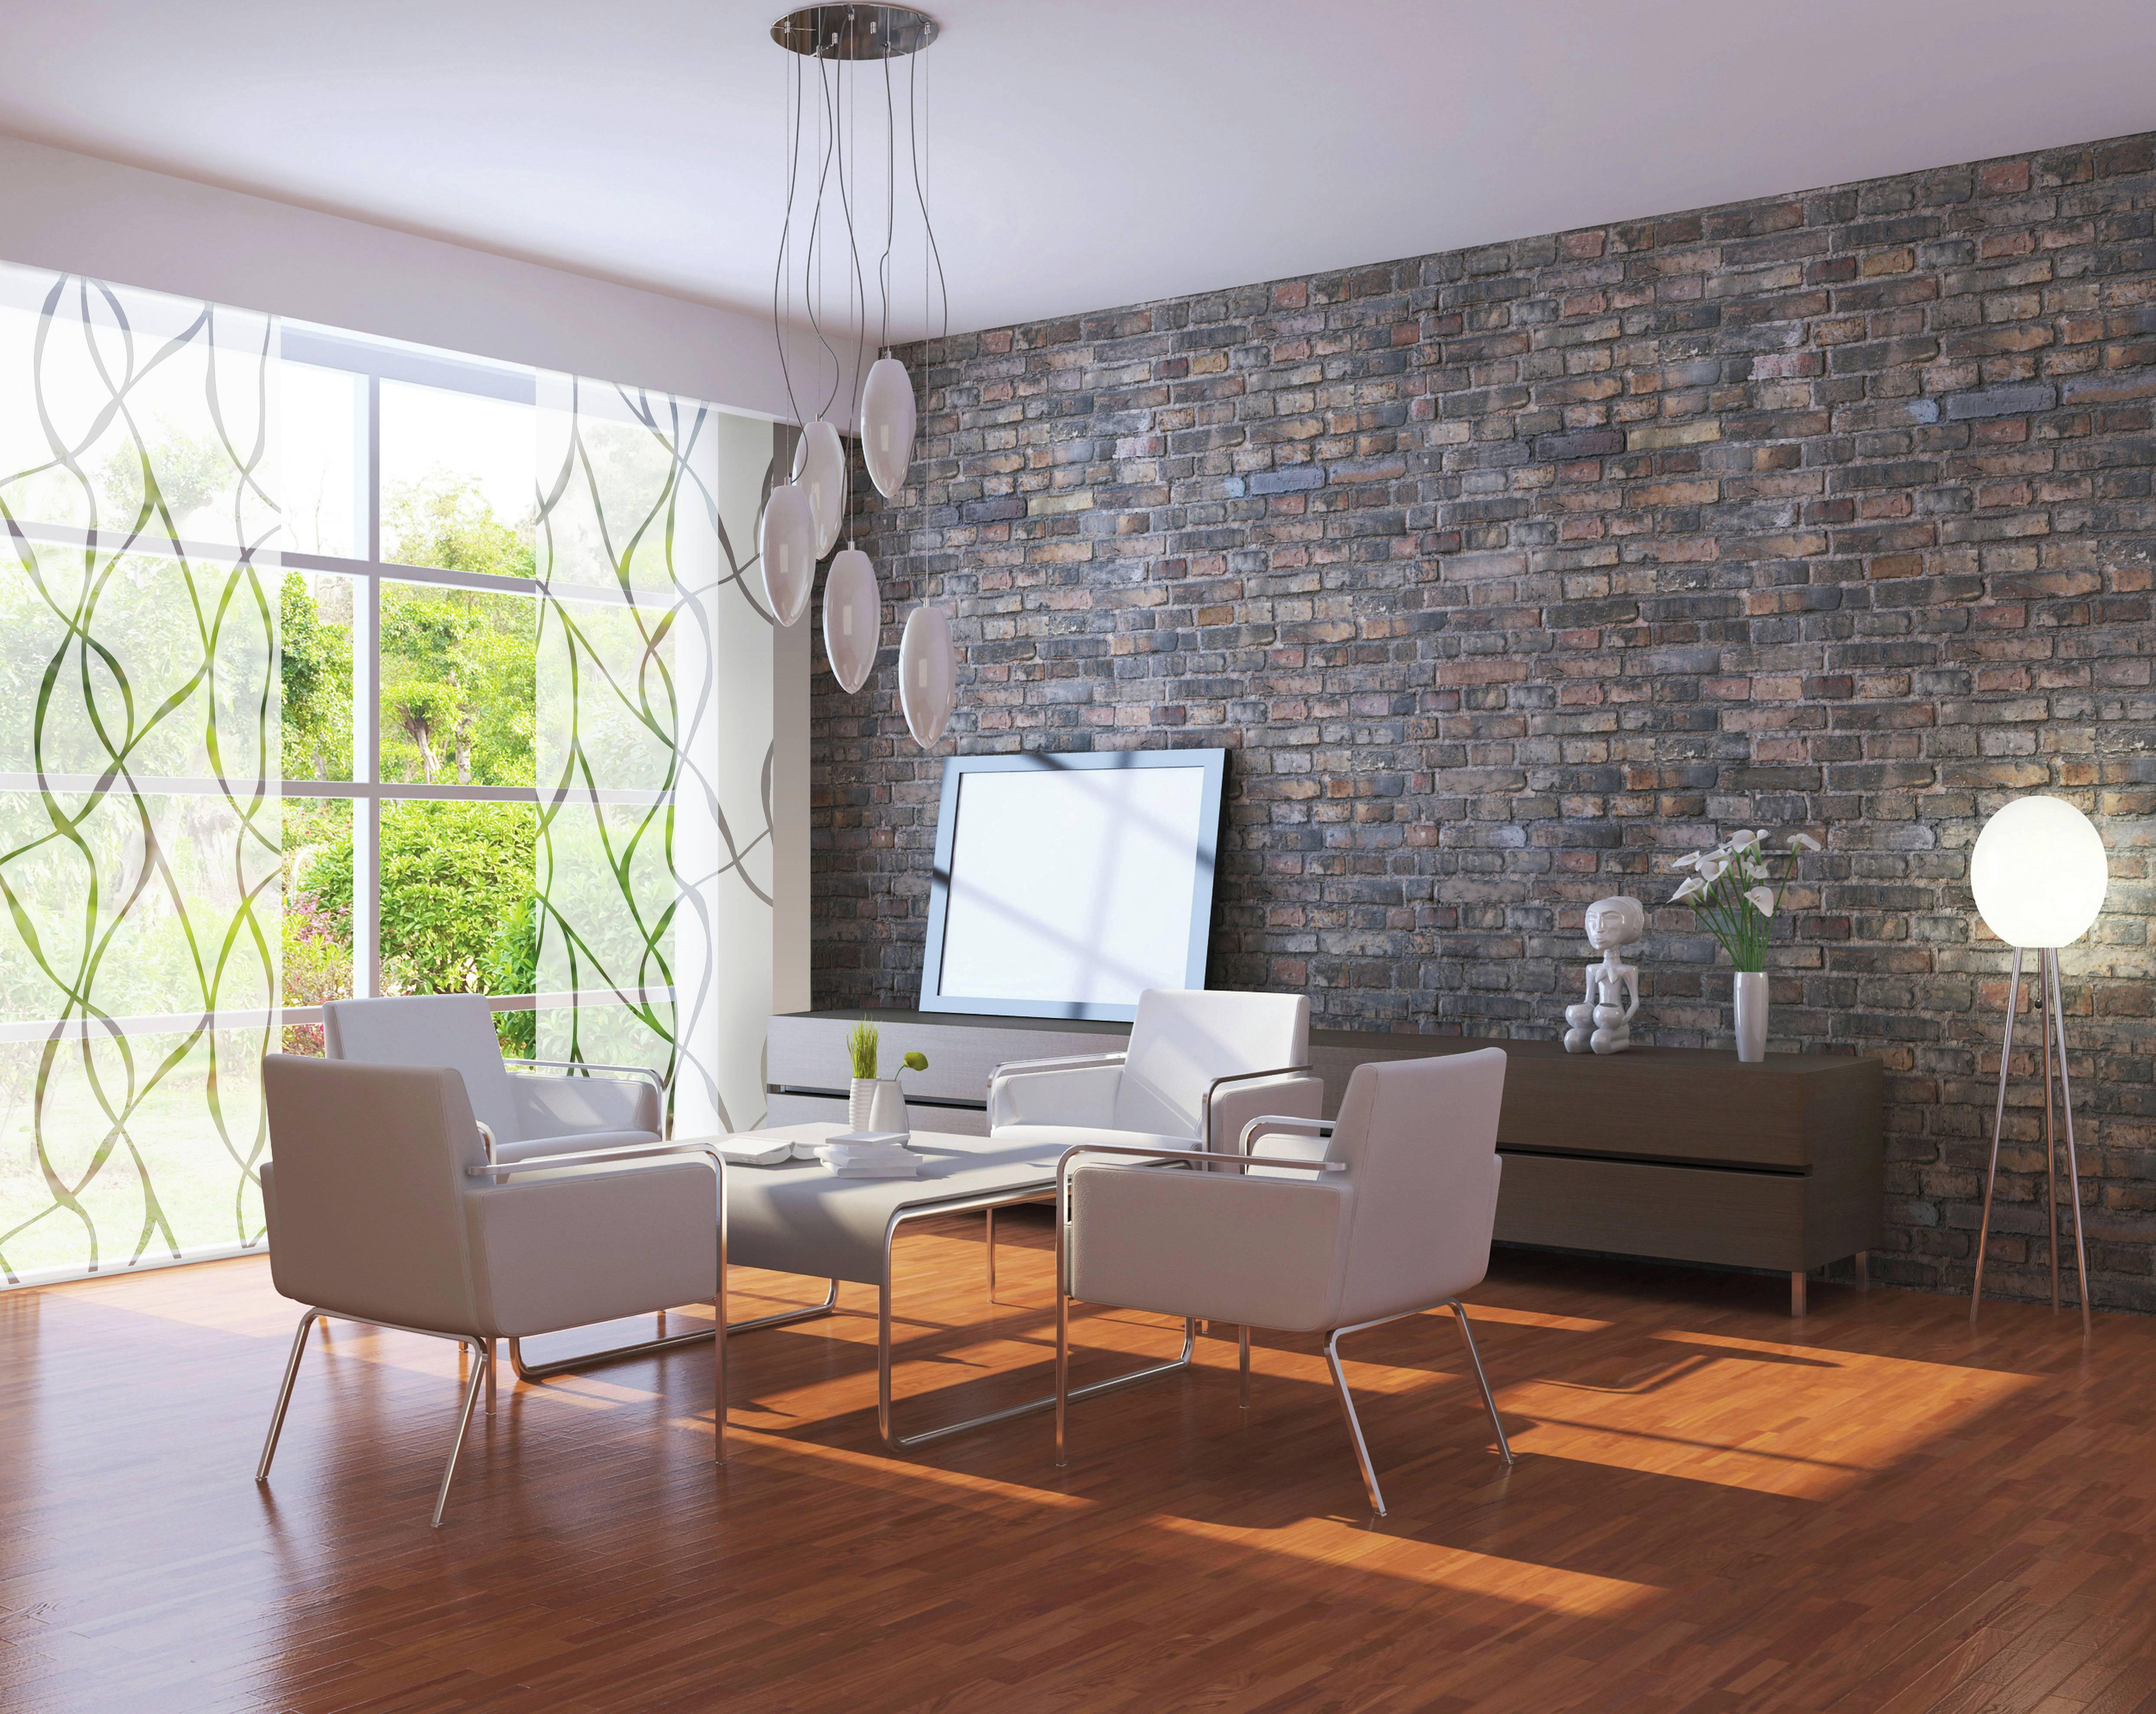 fl chenvorhang stoff wave wei grau 60 x 245 cm 1121060245. Black Bedroom Furniture Sets. Home Design Ideas